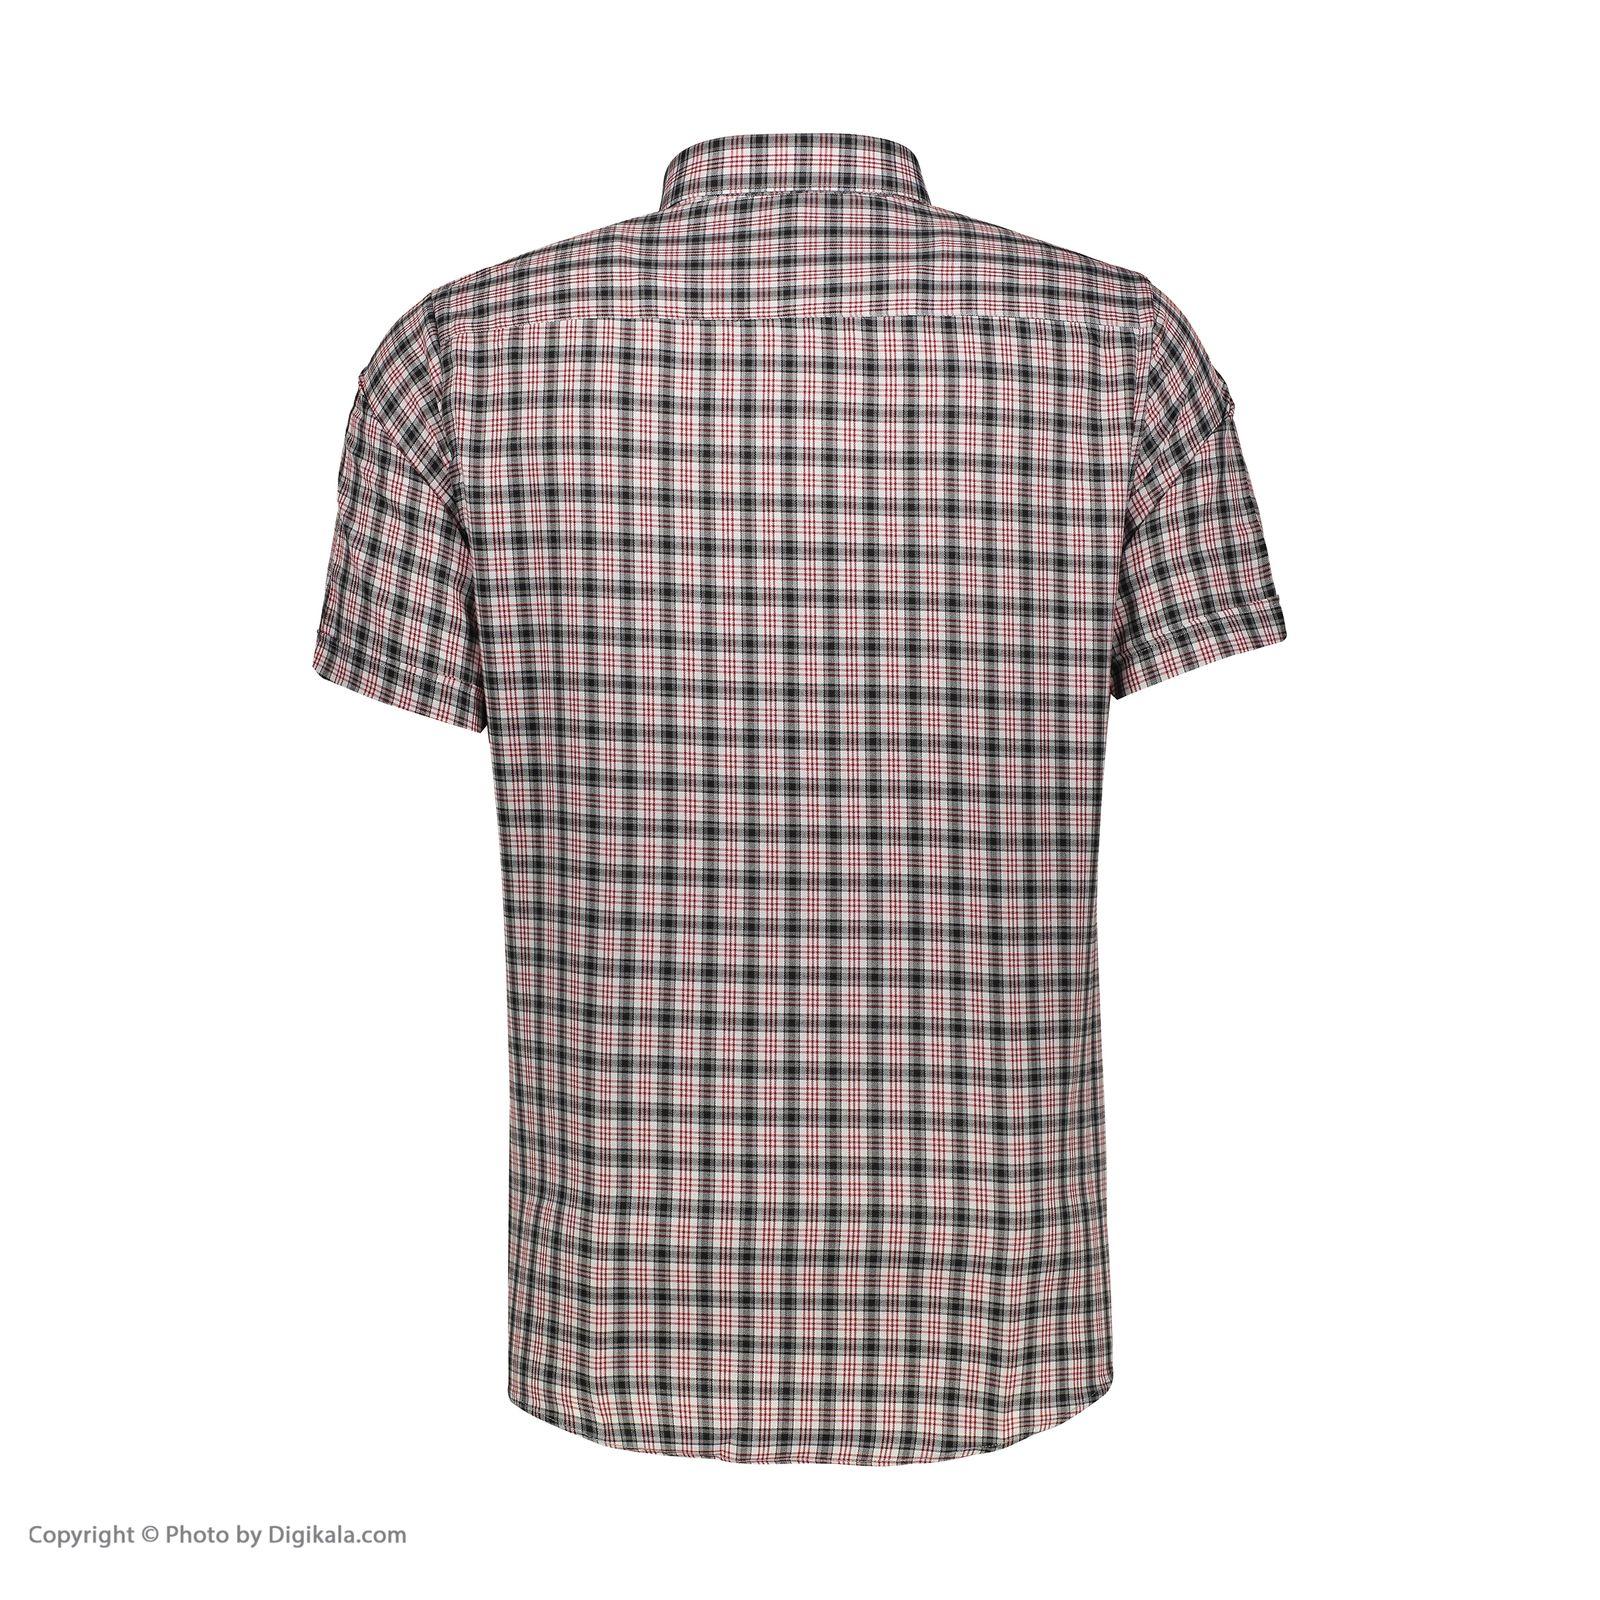 پیراهن مردانه زی مدل 1531192ML -  - 3